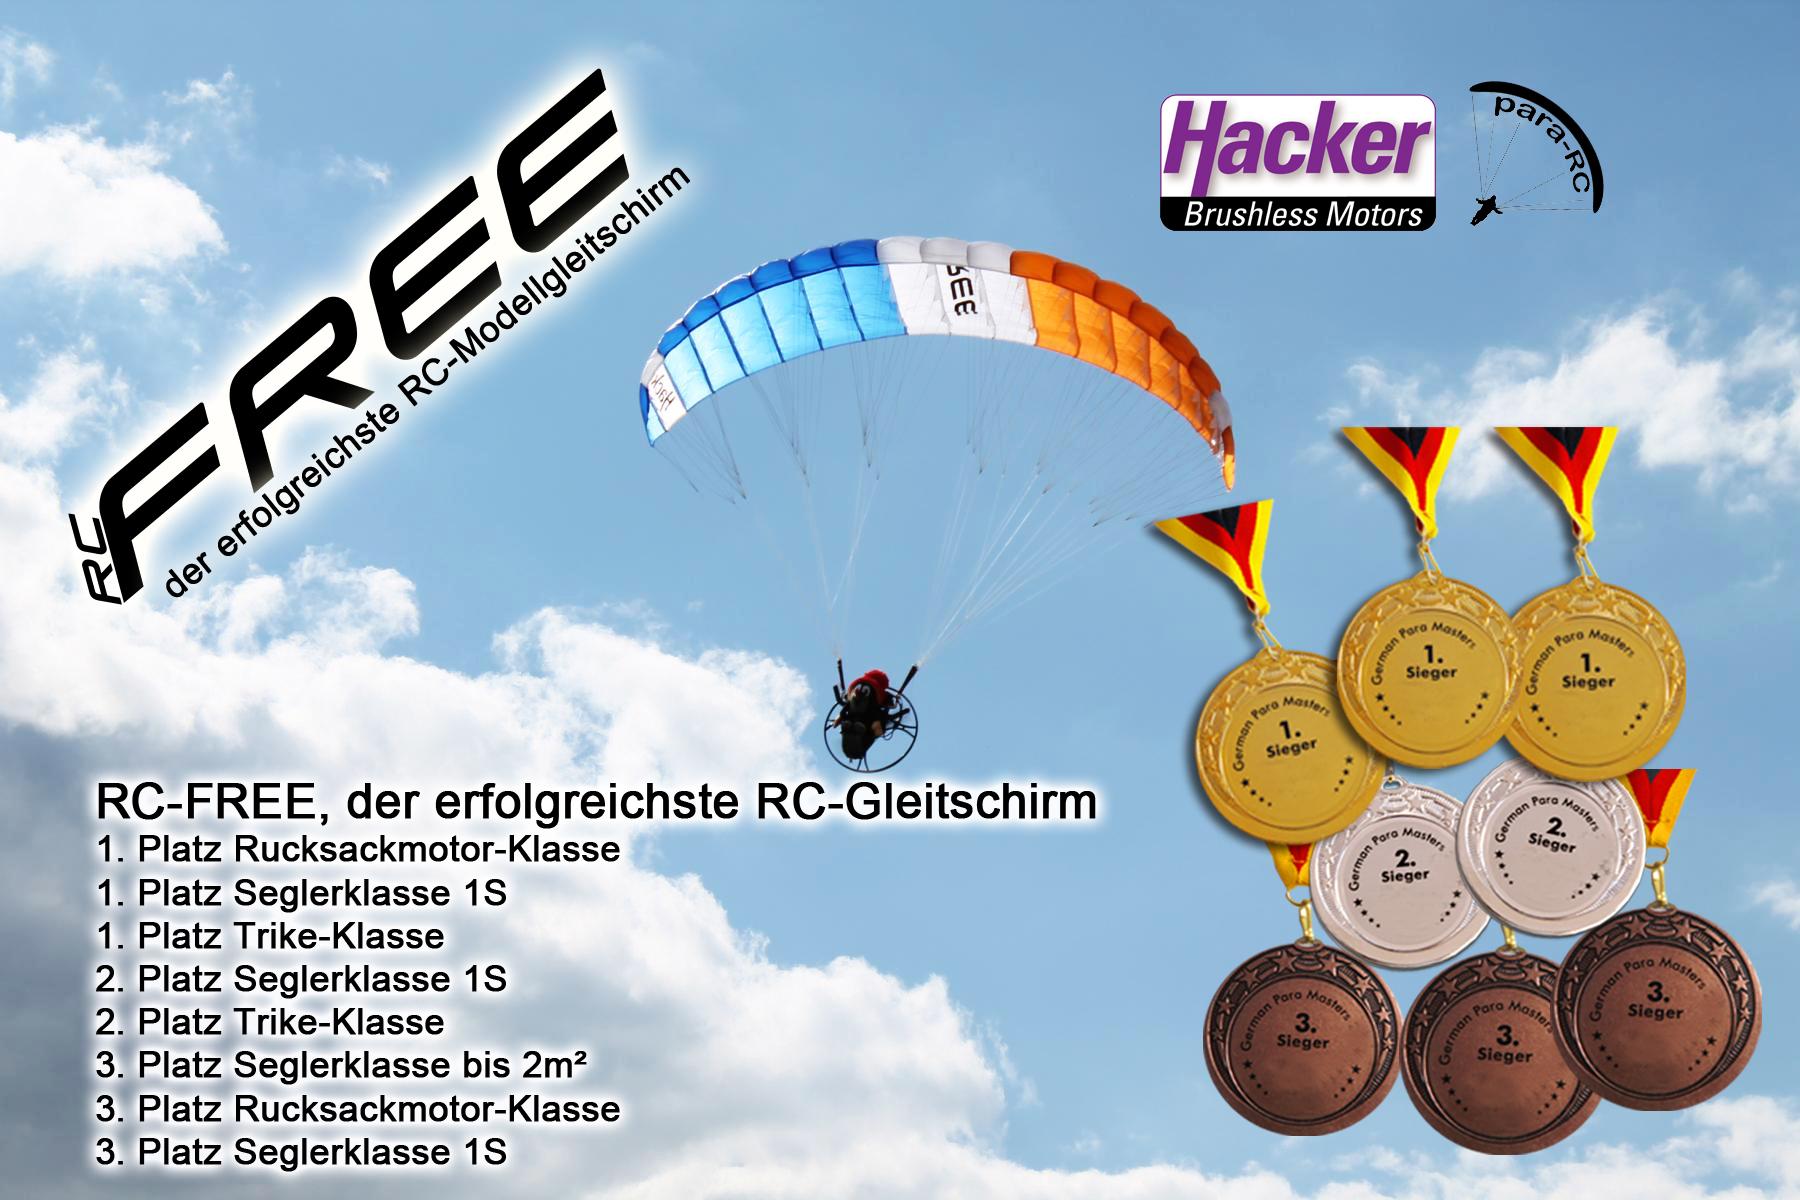 RC-FREE_ erfolgreichster RC-Gleitschirm